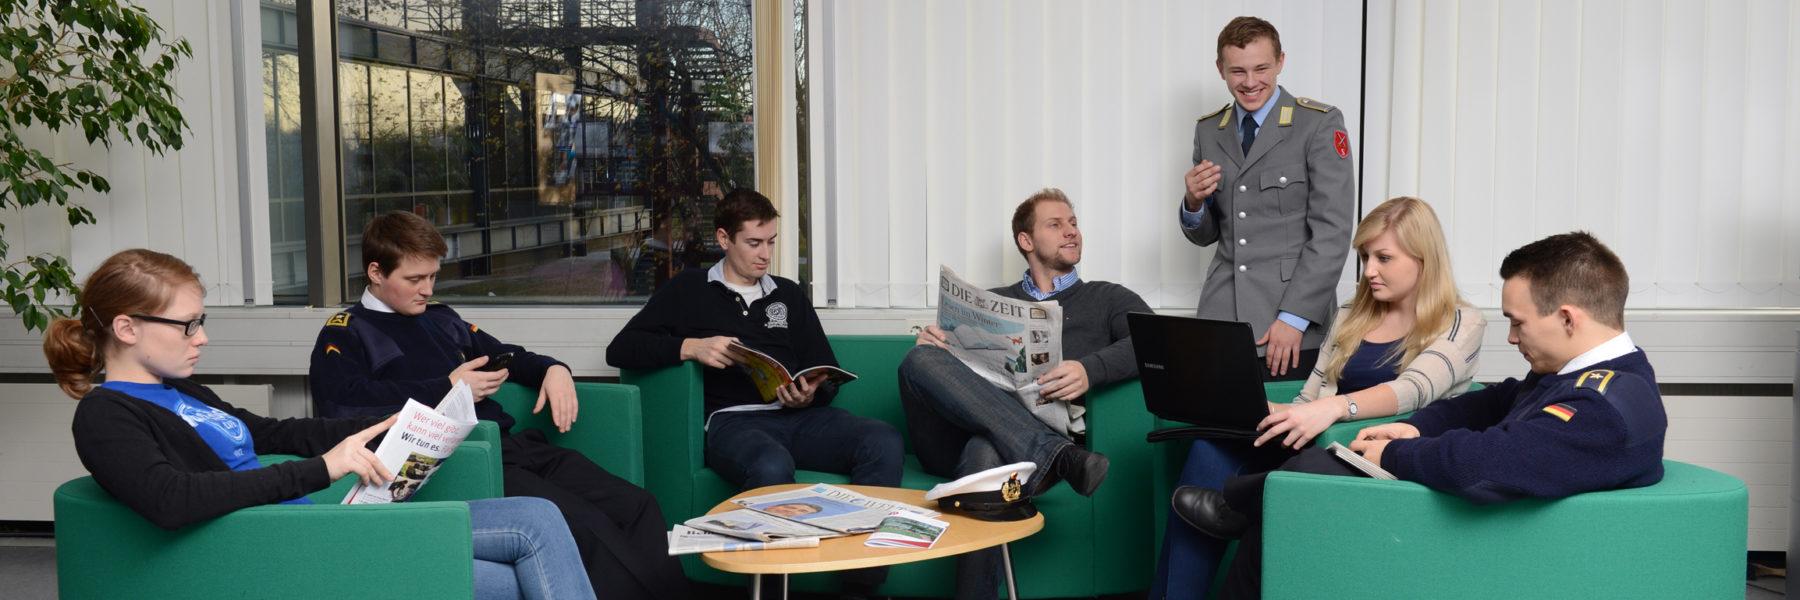 Gruppenarbeit in der Bibliothek. (Foto: Reinhard Scheiblich)